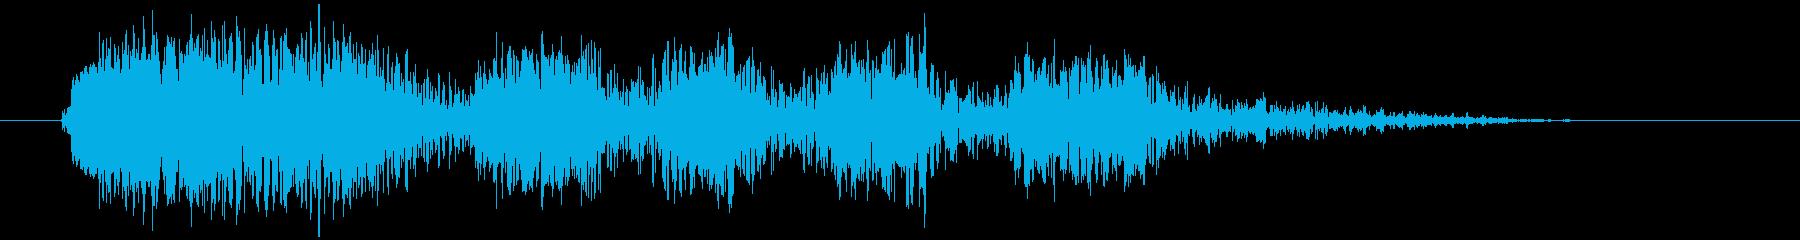 ハーハッハッハッ(不気味な悪魔の笑い声)の再生済みの波形